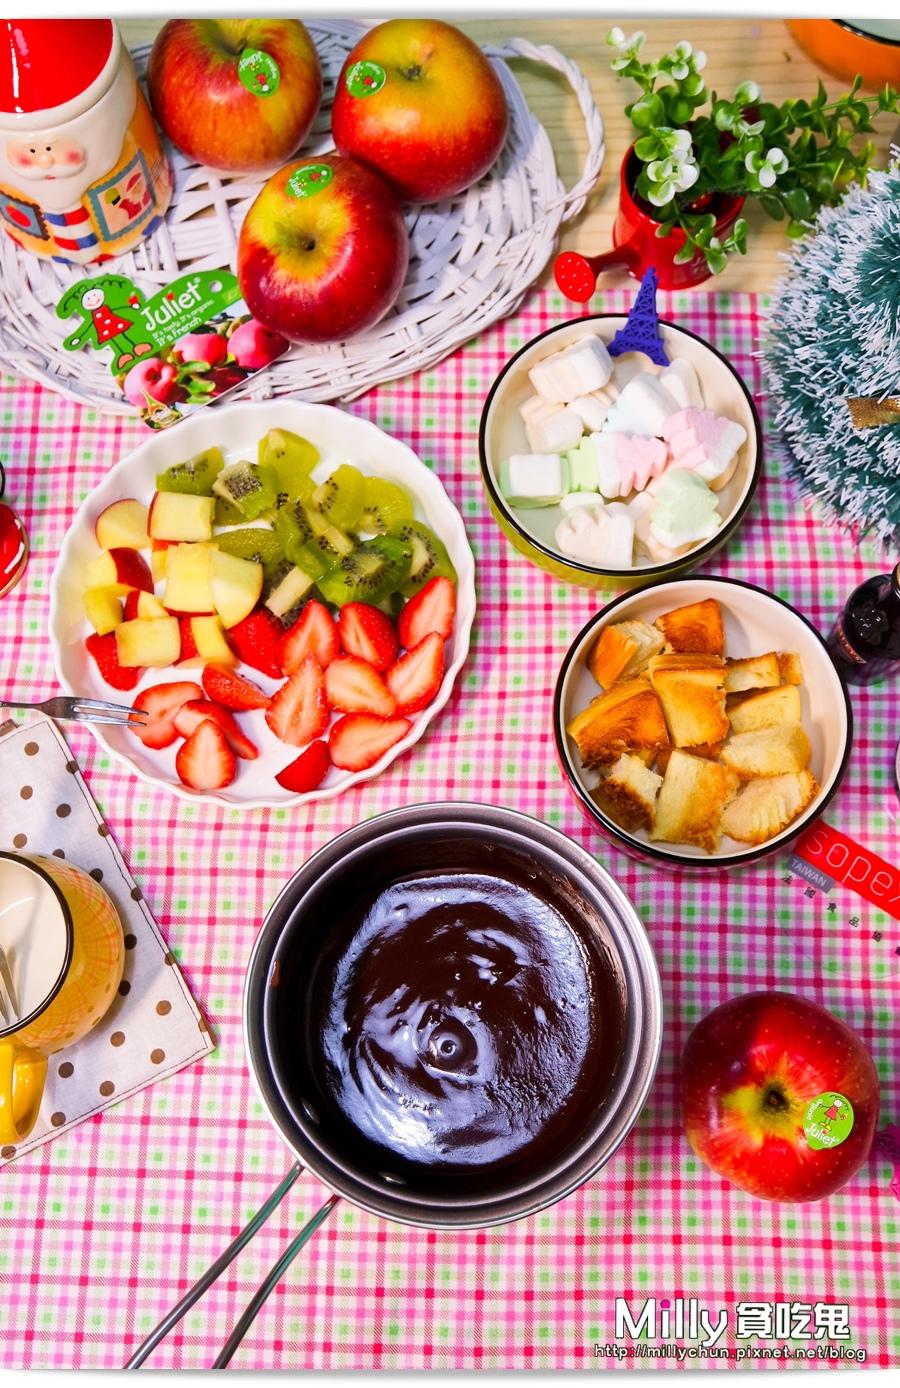 法國食品協會 00037.jpg